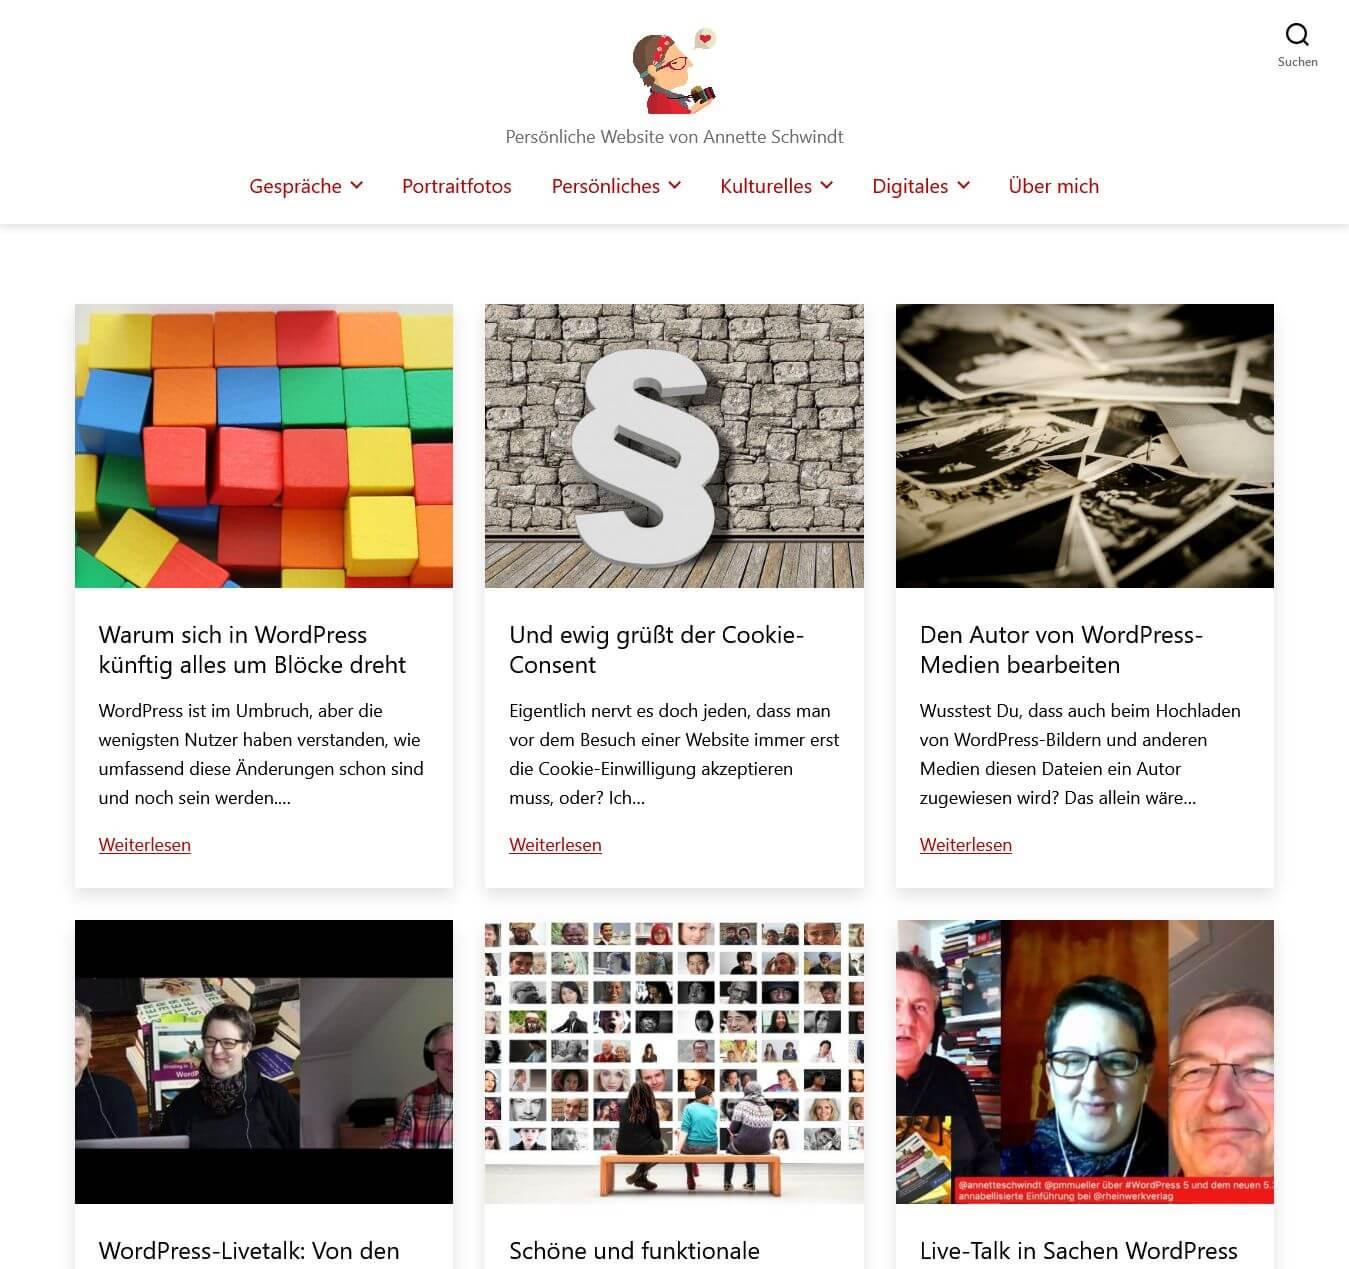 Screenshot der Beitragsübersicht dieser Website mit den darin enthaltenen Beitragsbildern